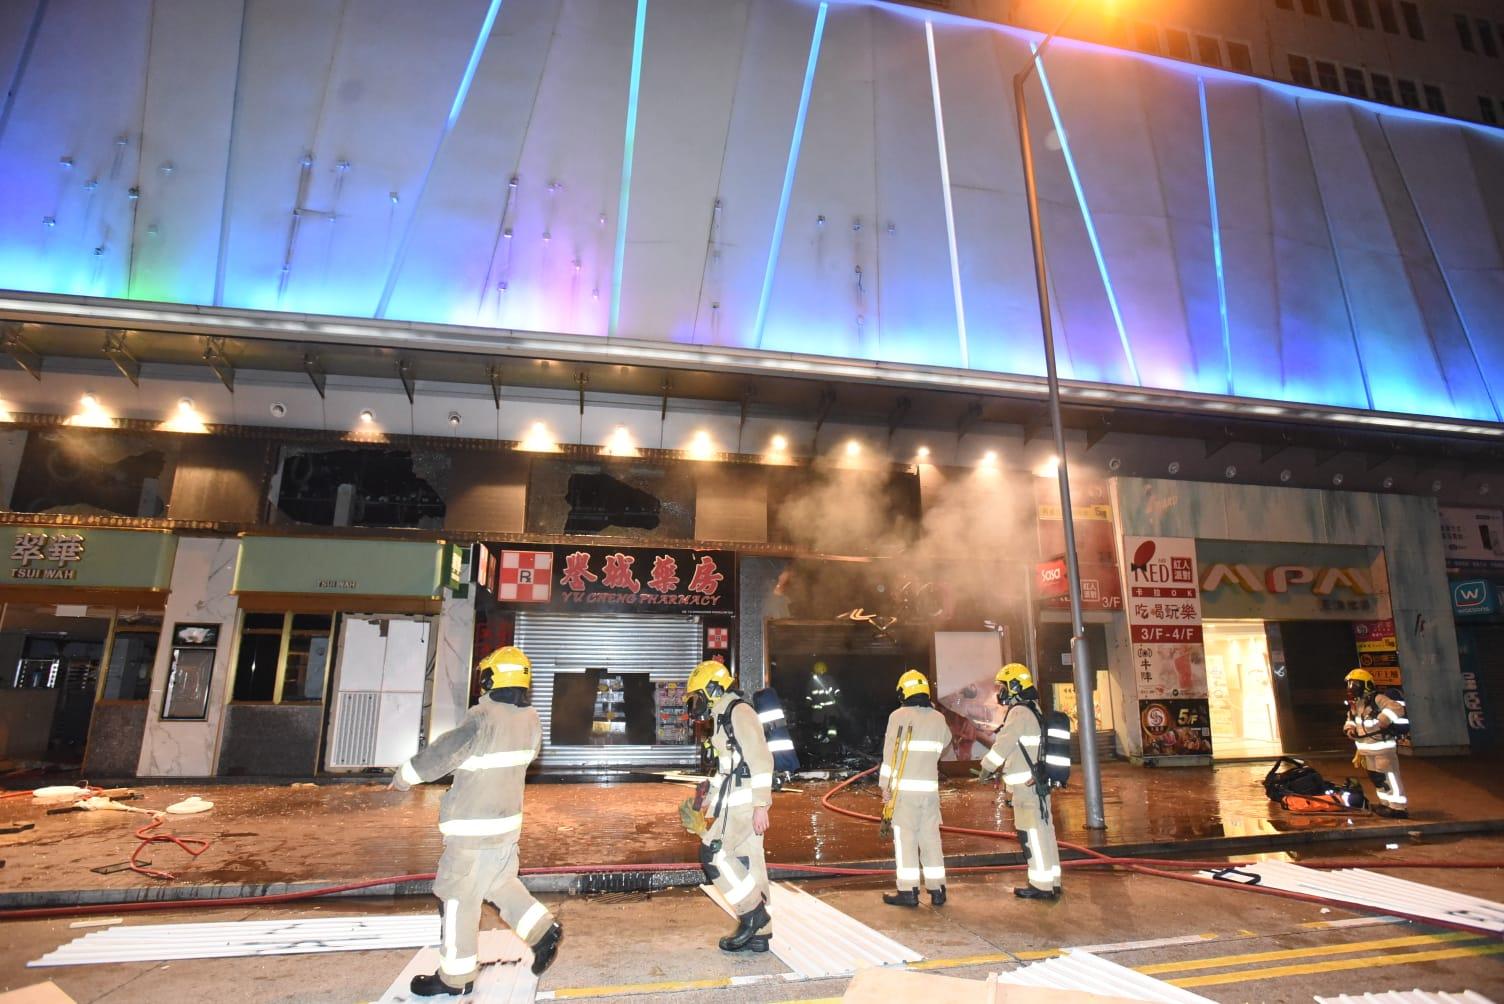 莎莎化妝品店起火,消防到場將火救熄。